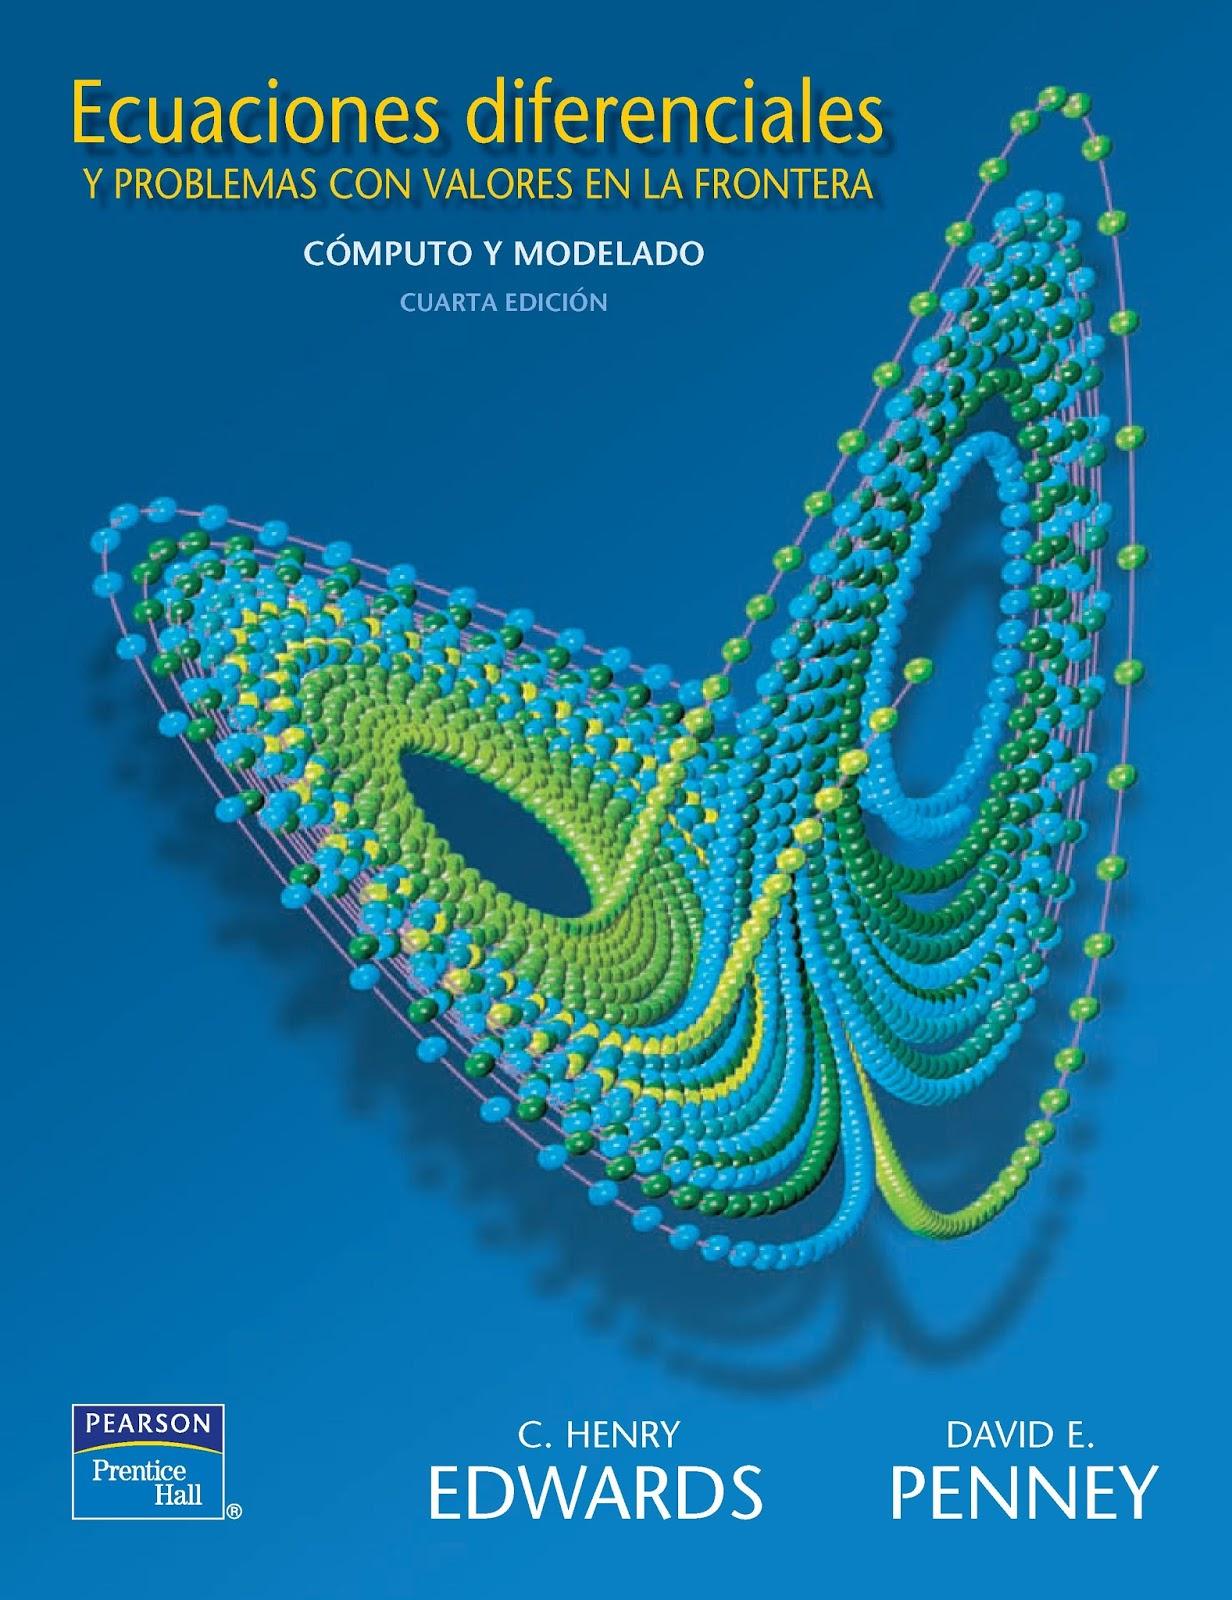 Ecuaciones diferenciales y problemas con valores en la frontera: Cómputo y modelado, 4ta. Edición – C. Henry Edwards